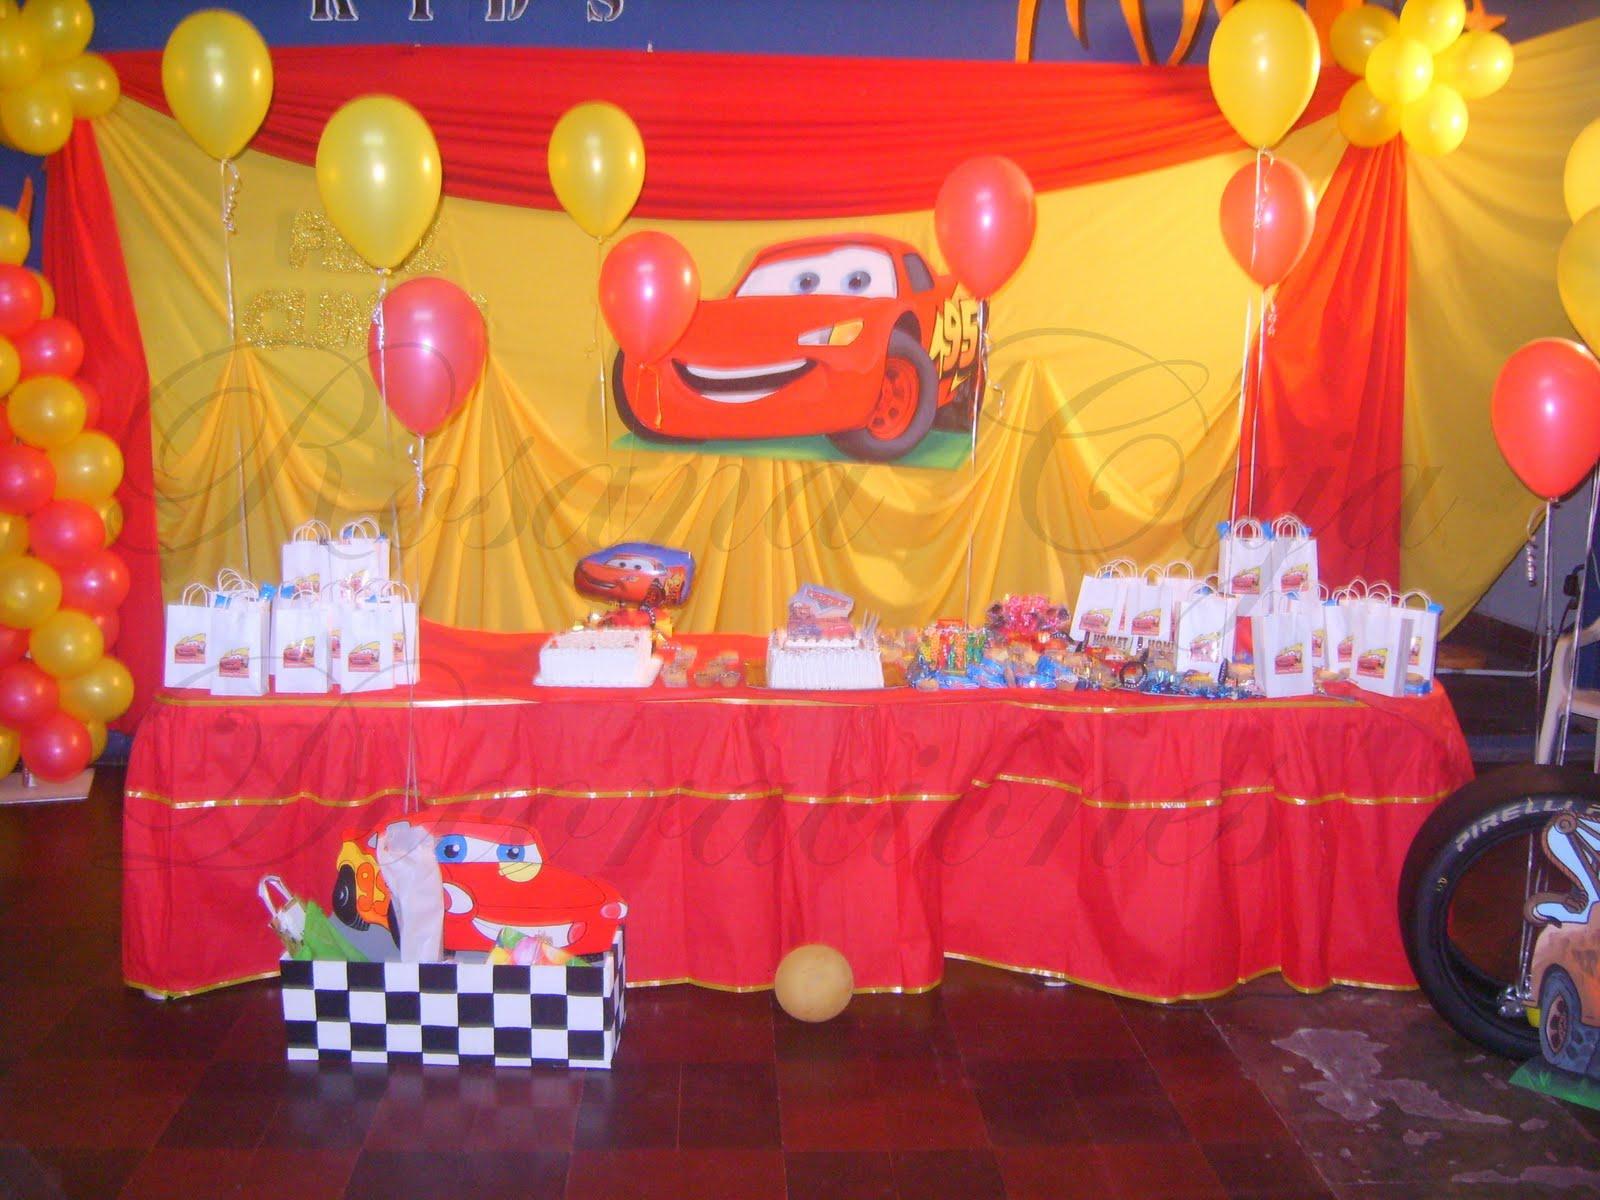 Fiestas de cars decoraciónes - Imagui